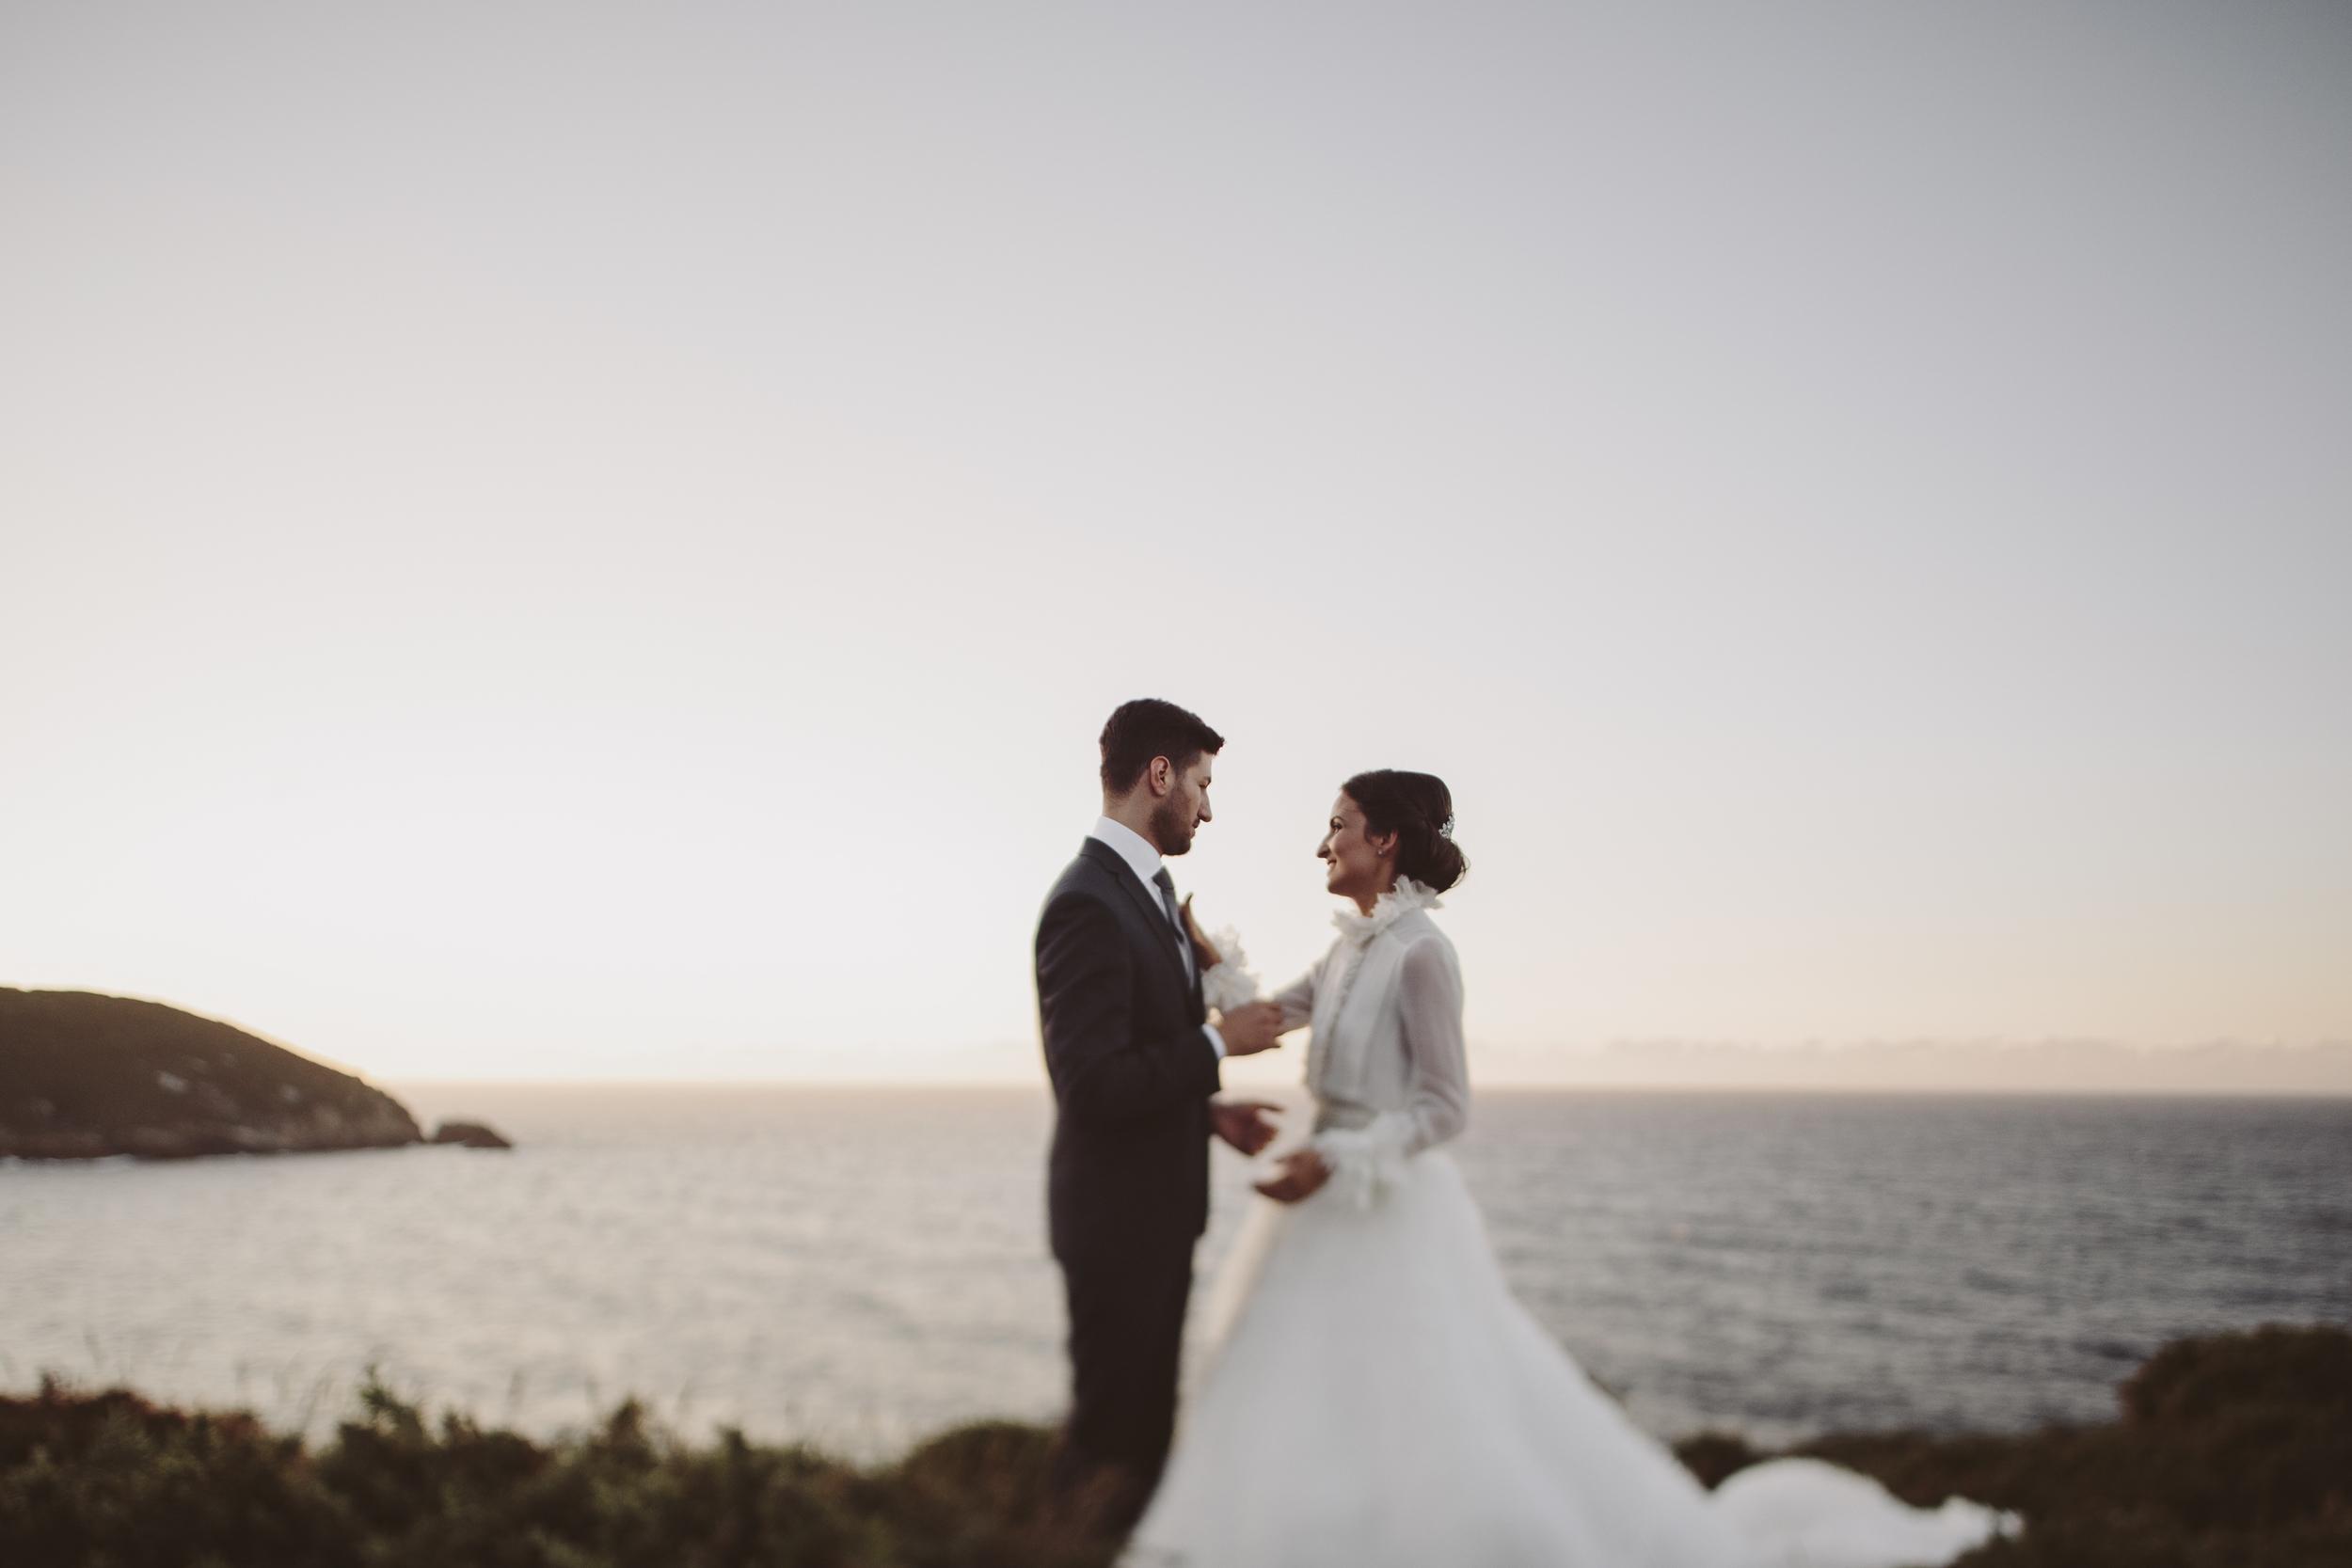 Fotografo bodas Pontevedra Graciela Vilagudin 665.jpg